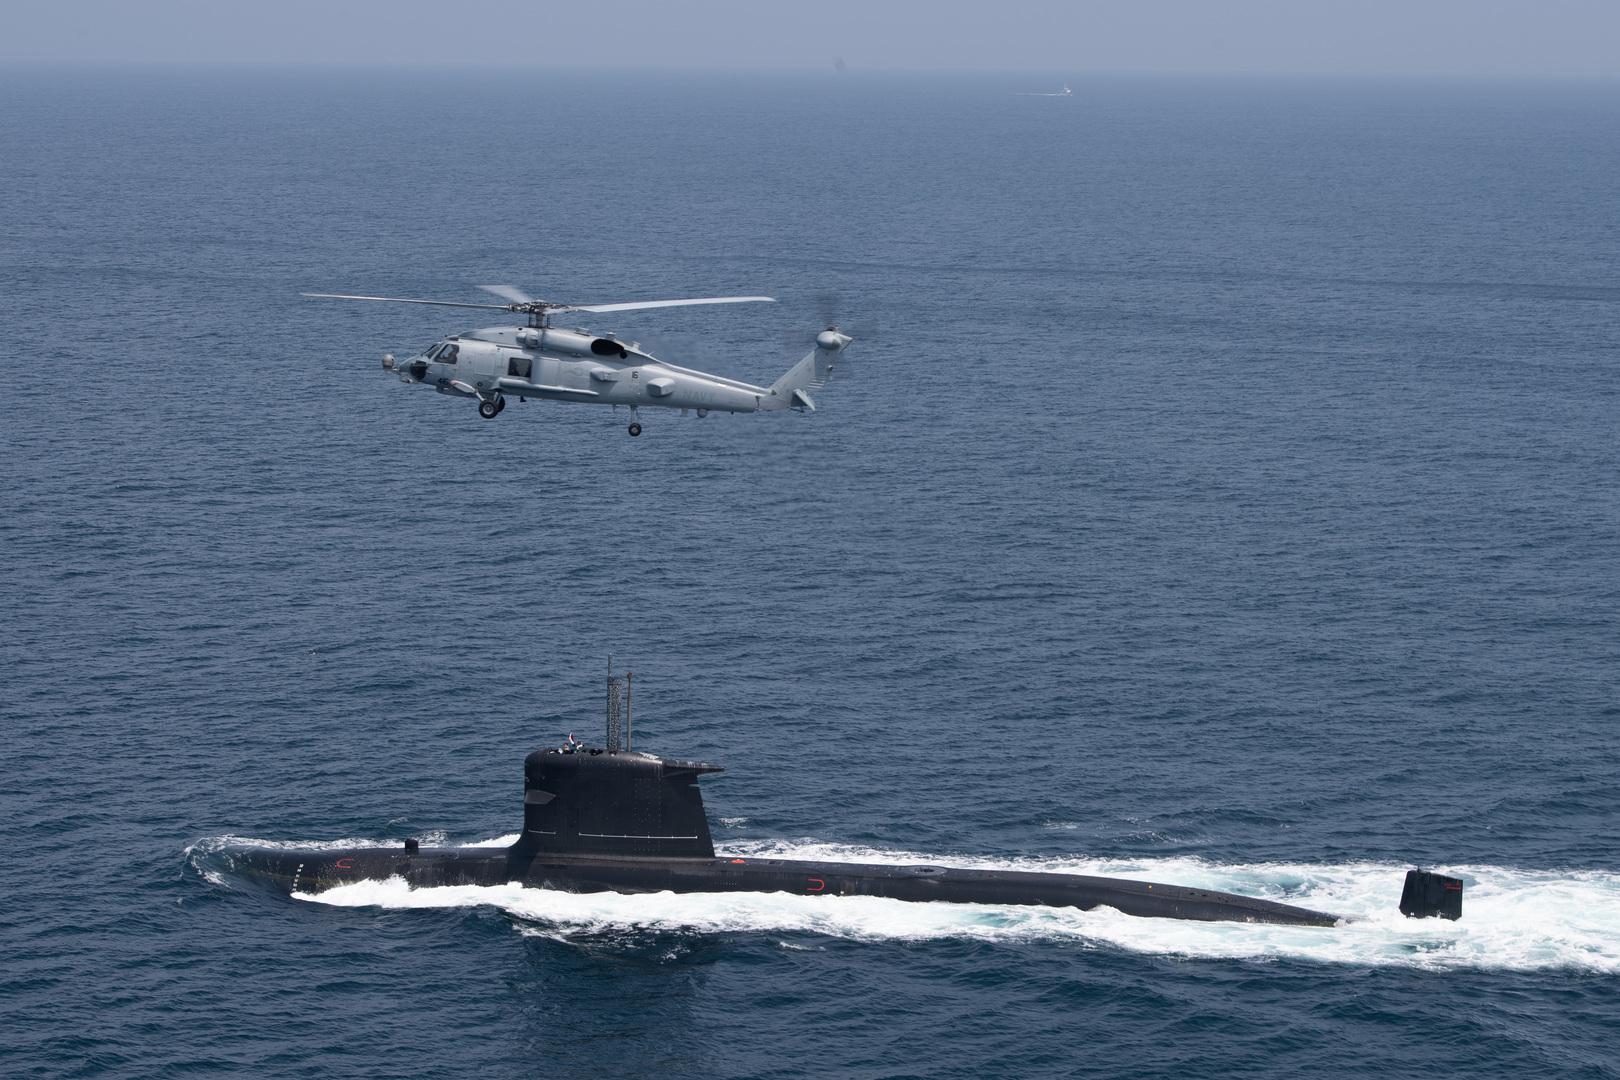 الصين: التعاون بين أمريكا وبريطانيا وأستراليا حول الغواصات النووية يضر بنظام حظر الانتشار النووي